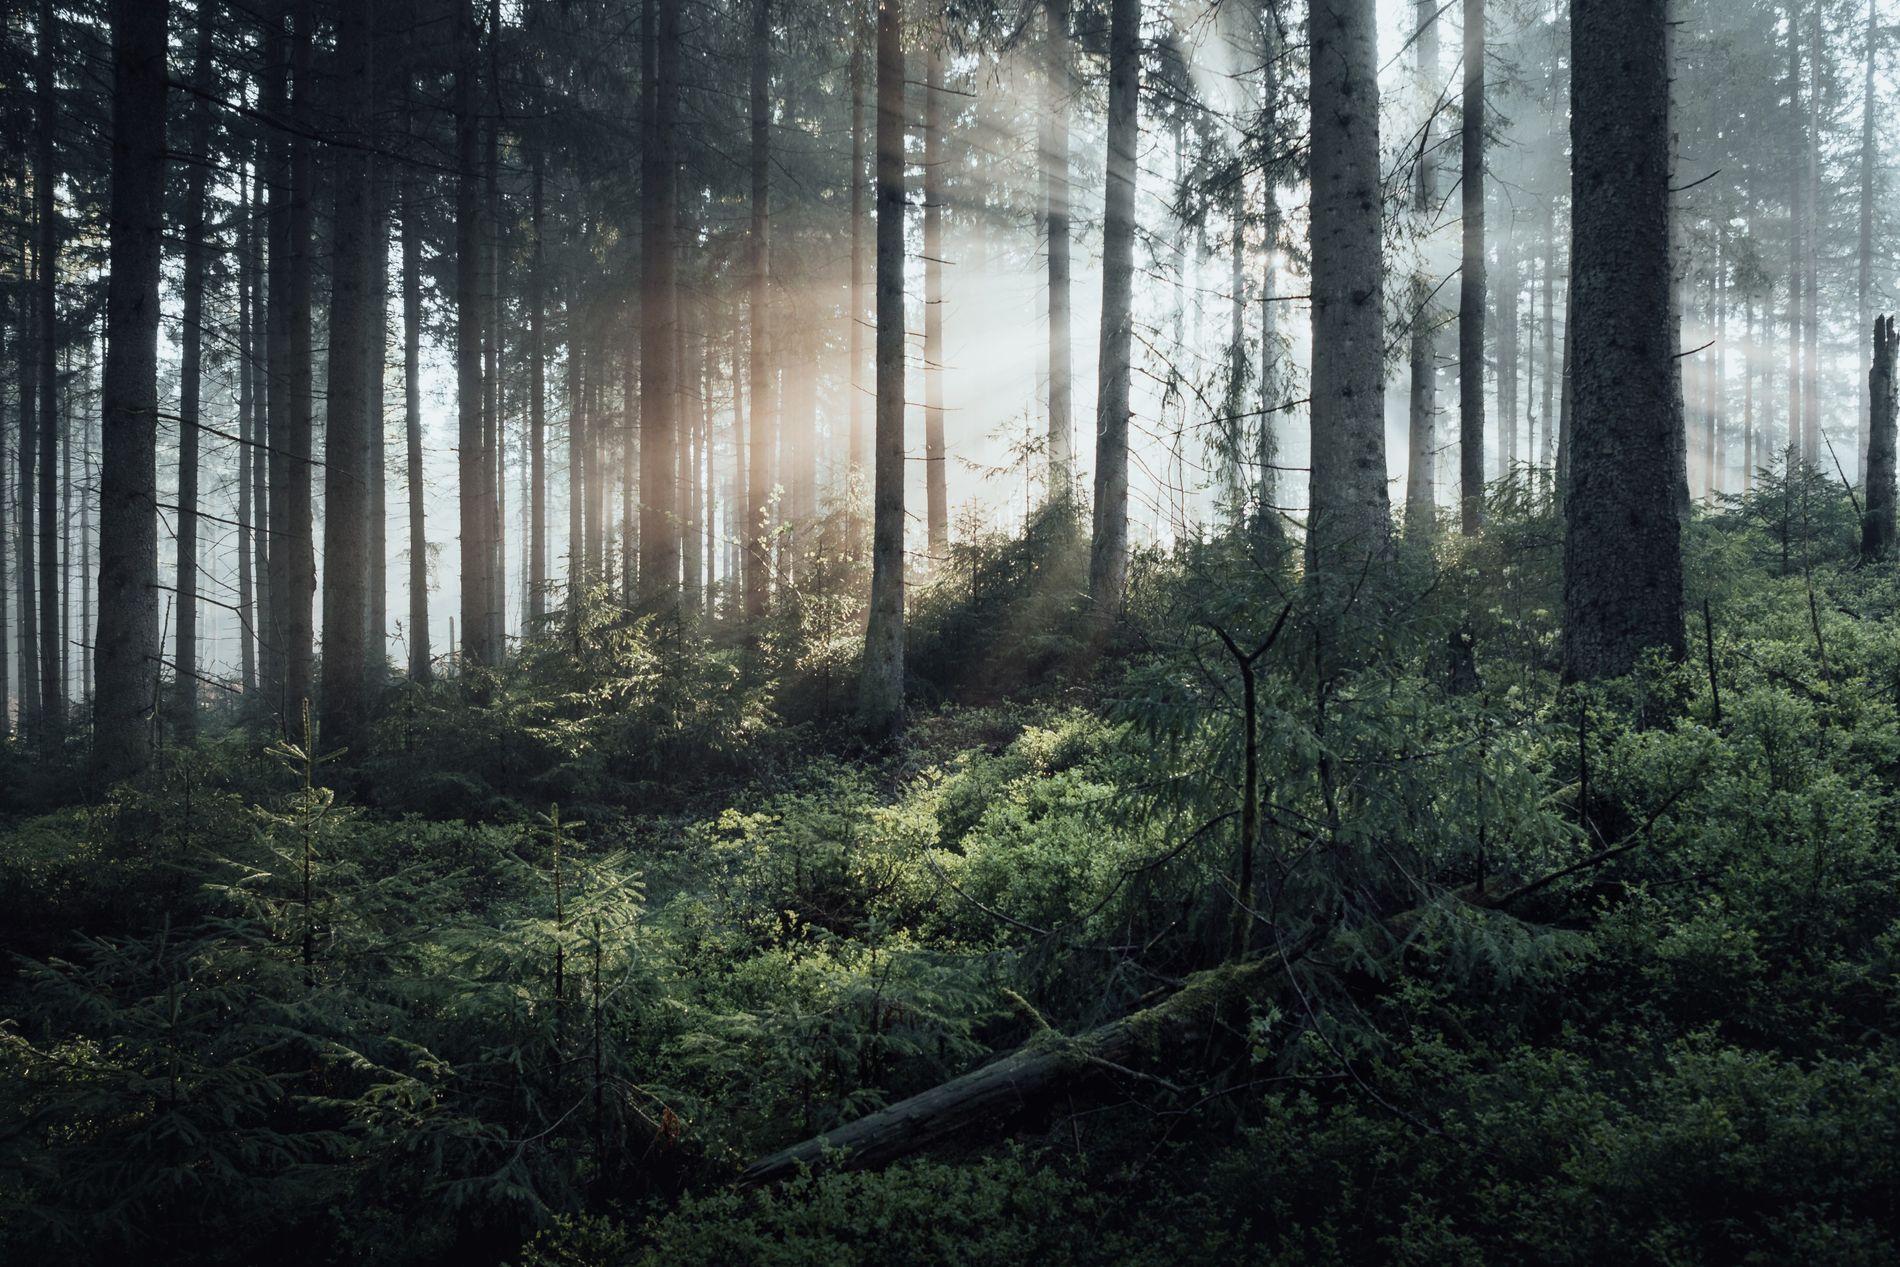 Für den Fotografen Max Fischer ist der Harz ein besonderer Ort, der die schönsten Sonnenauf- und -untergänge in ganz Deutschland zu bieten hat. In seinen melancholischen Aufnahmen fängt er die Stimmung der Landschaft ein.